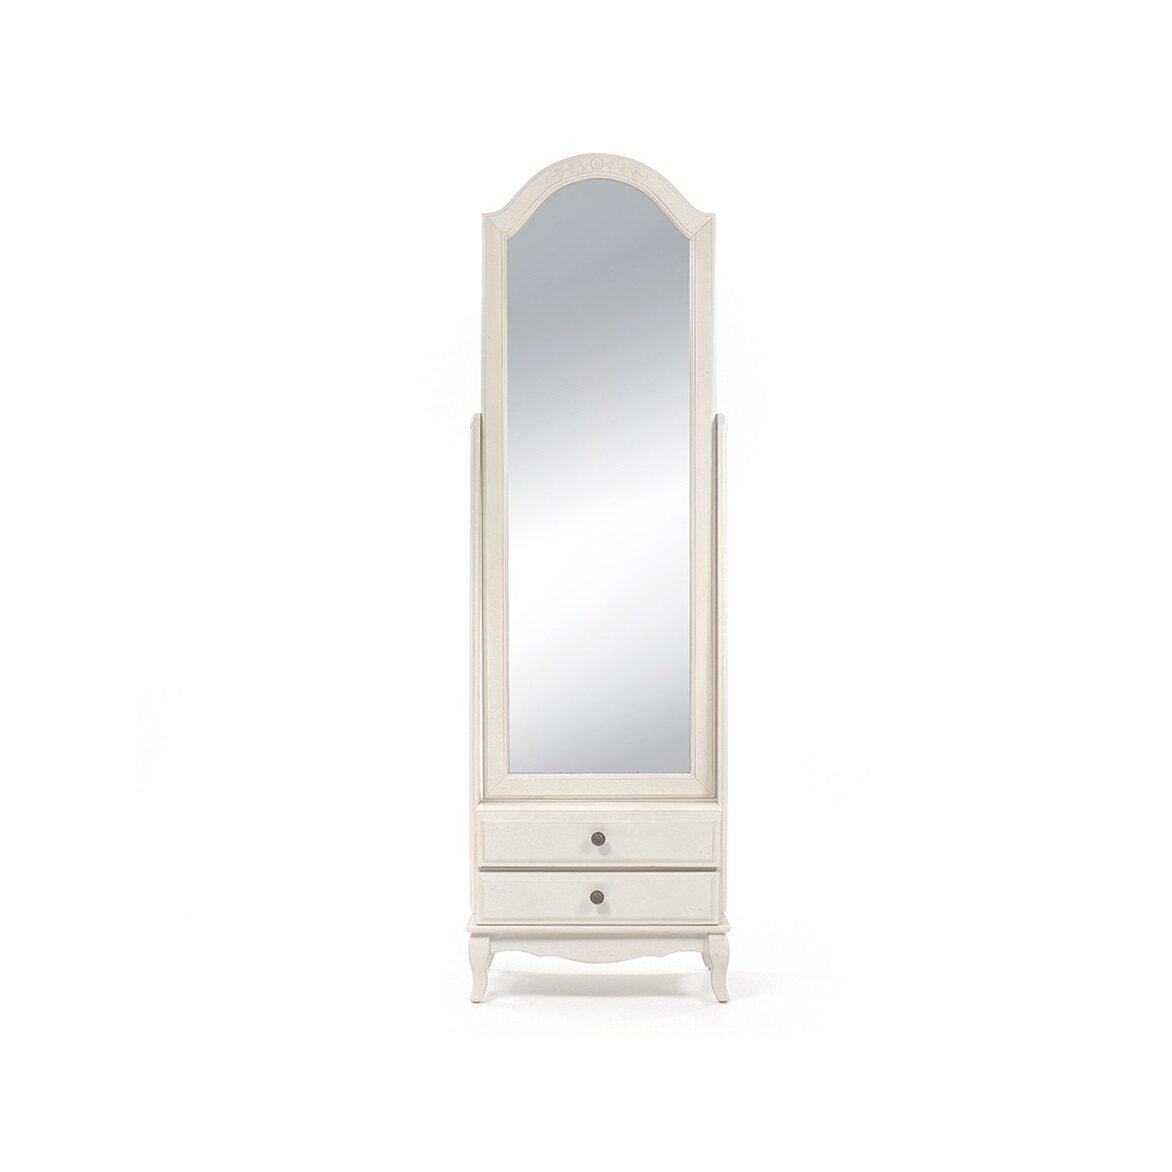 Напольное зеркало Leontina, бежевого цвета | Прямоугольные зеркала Kingsby